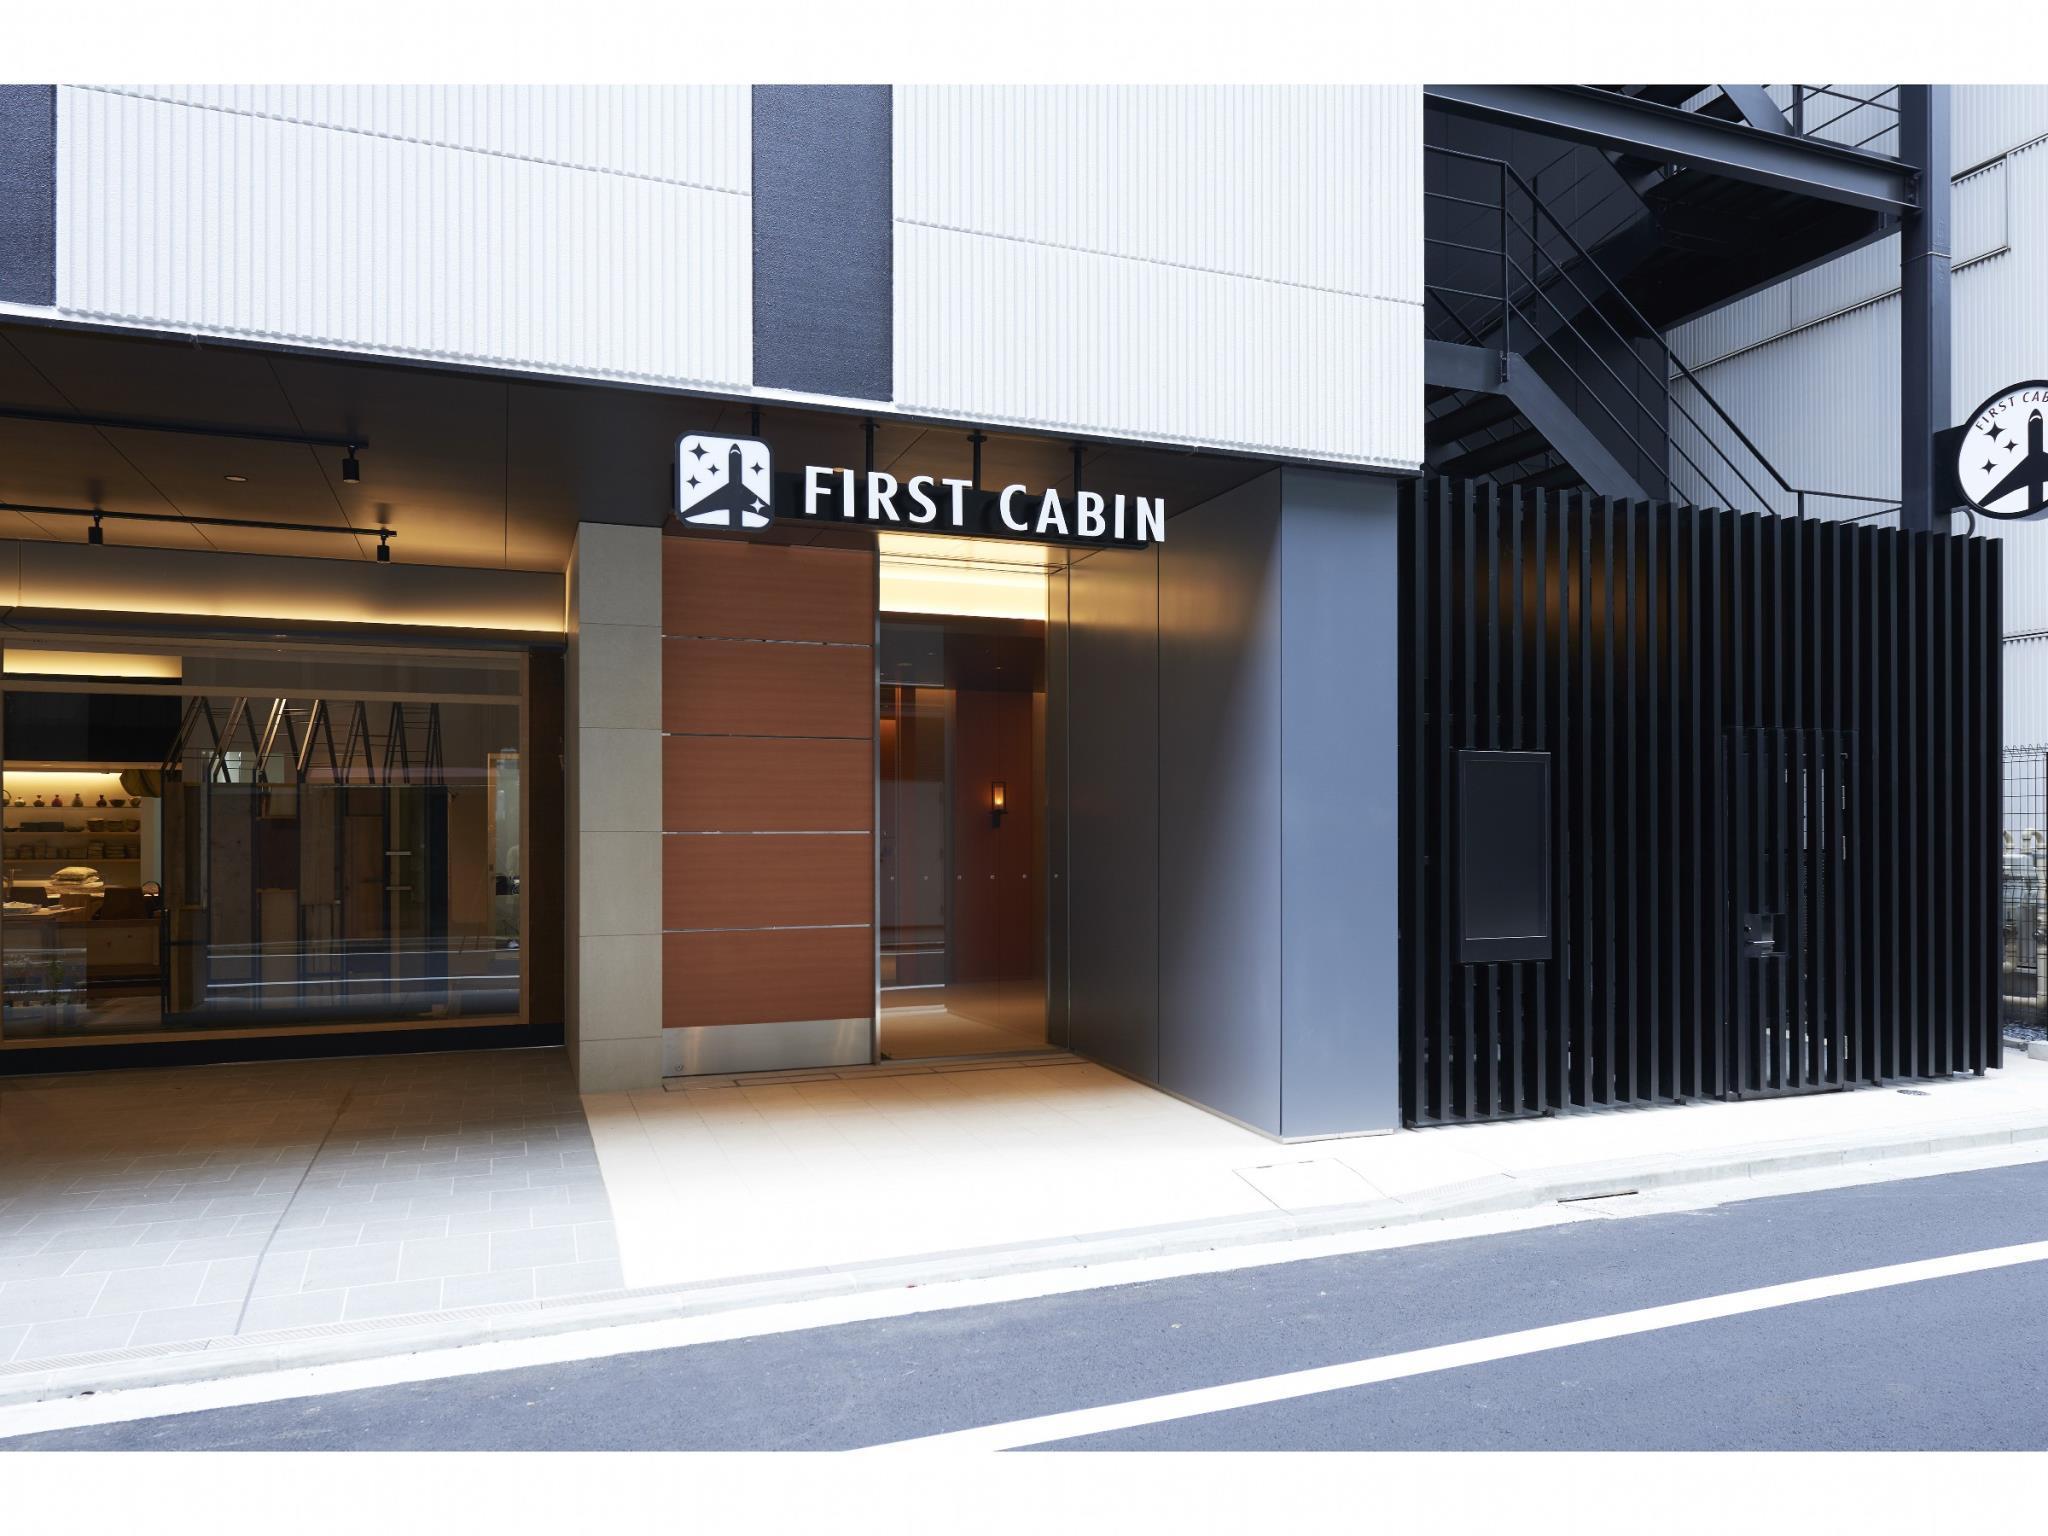 京橋第一旅館 First Inn Kyobashi